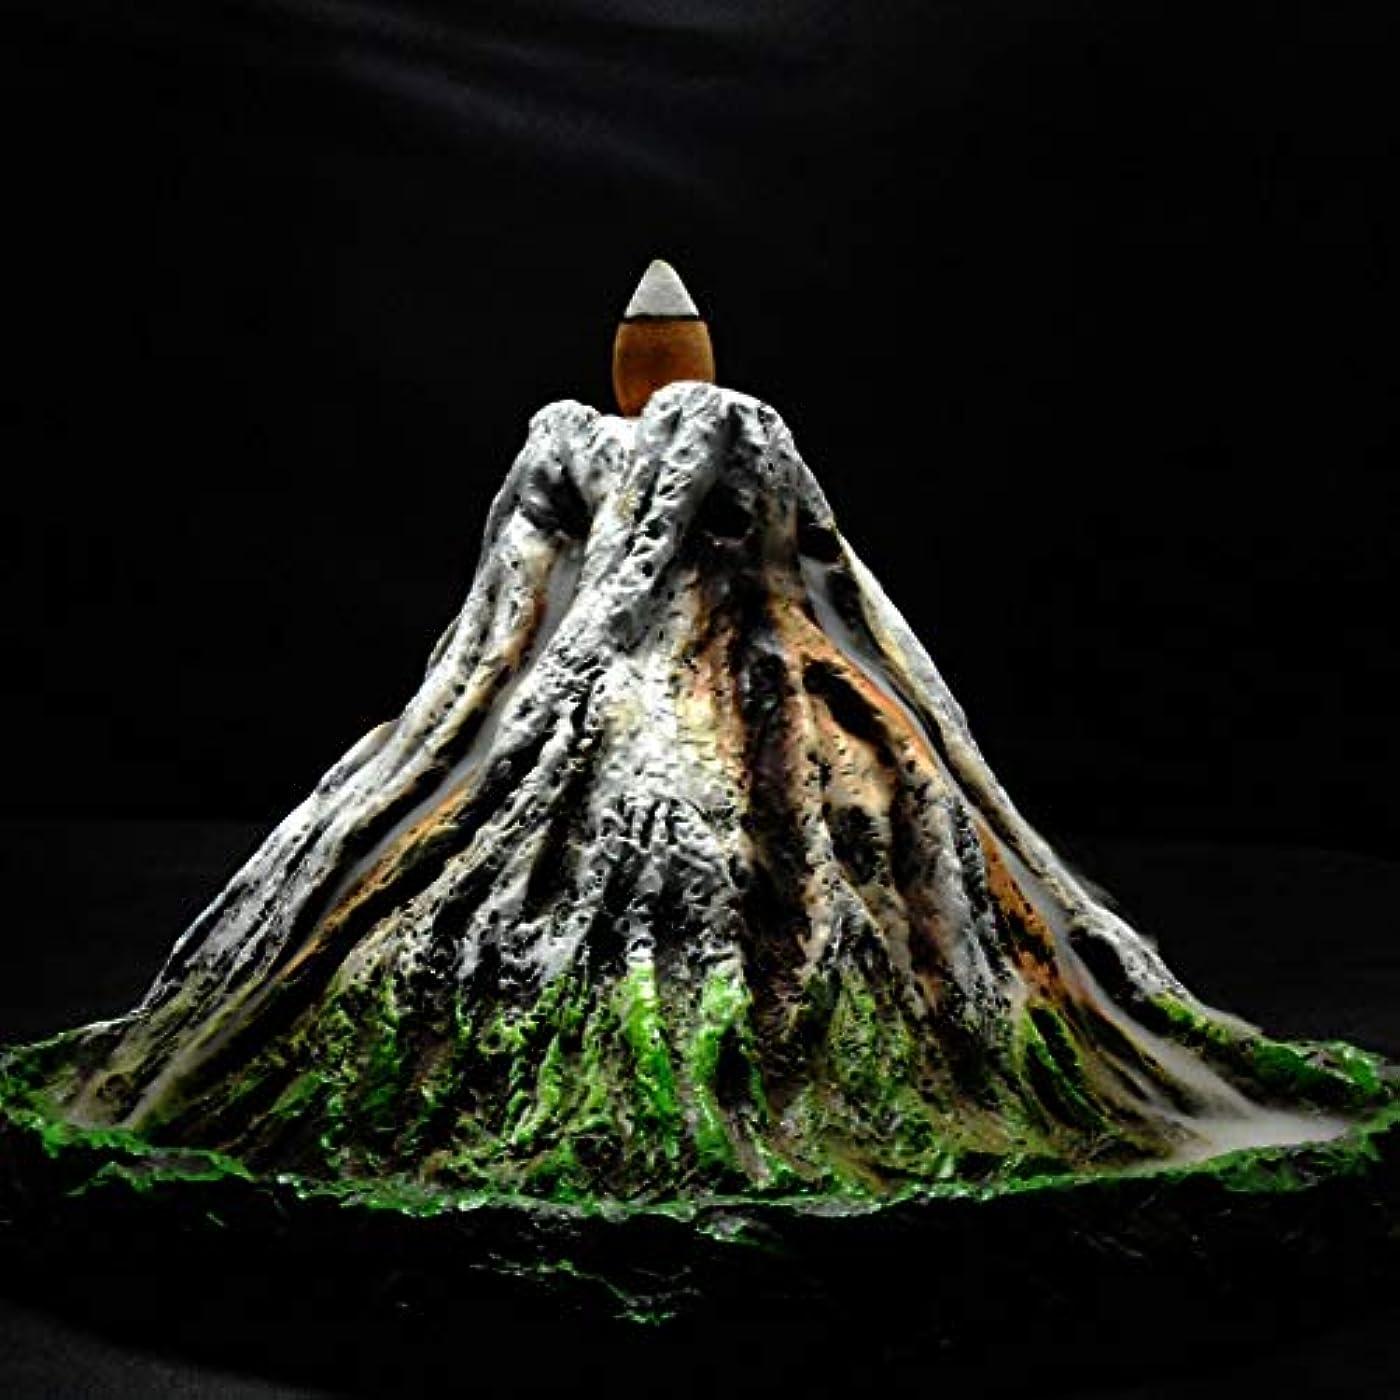 第五ブローホール巻き取りPHILOGOD 逆流香炉 樹脂プロセス手塗り富士山香炉 お香 香皿ホルダー ホームデコレーション香置物 香立て